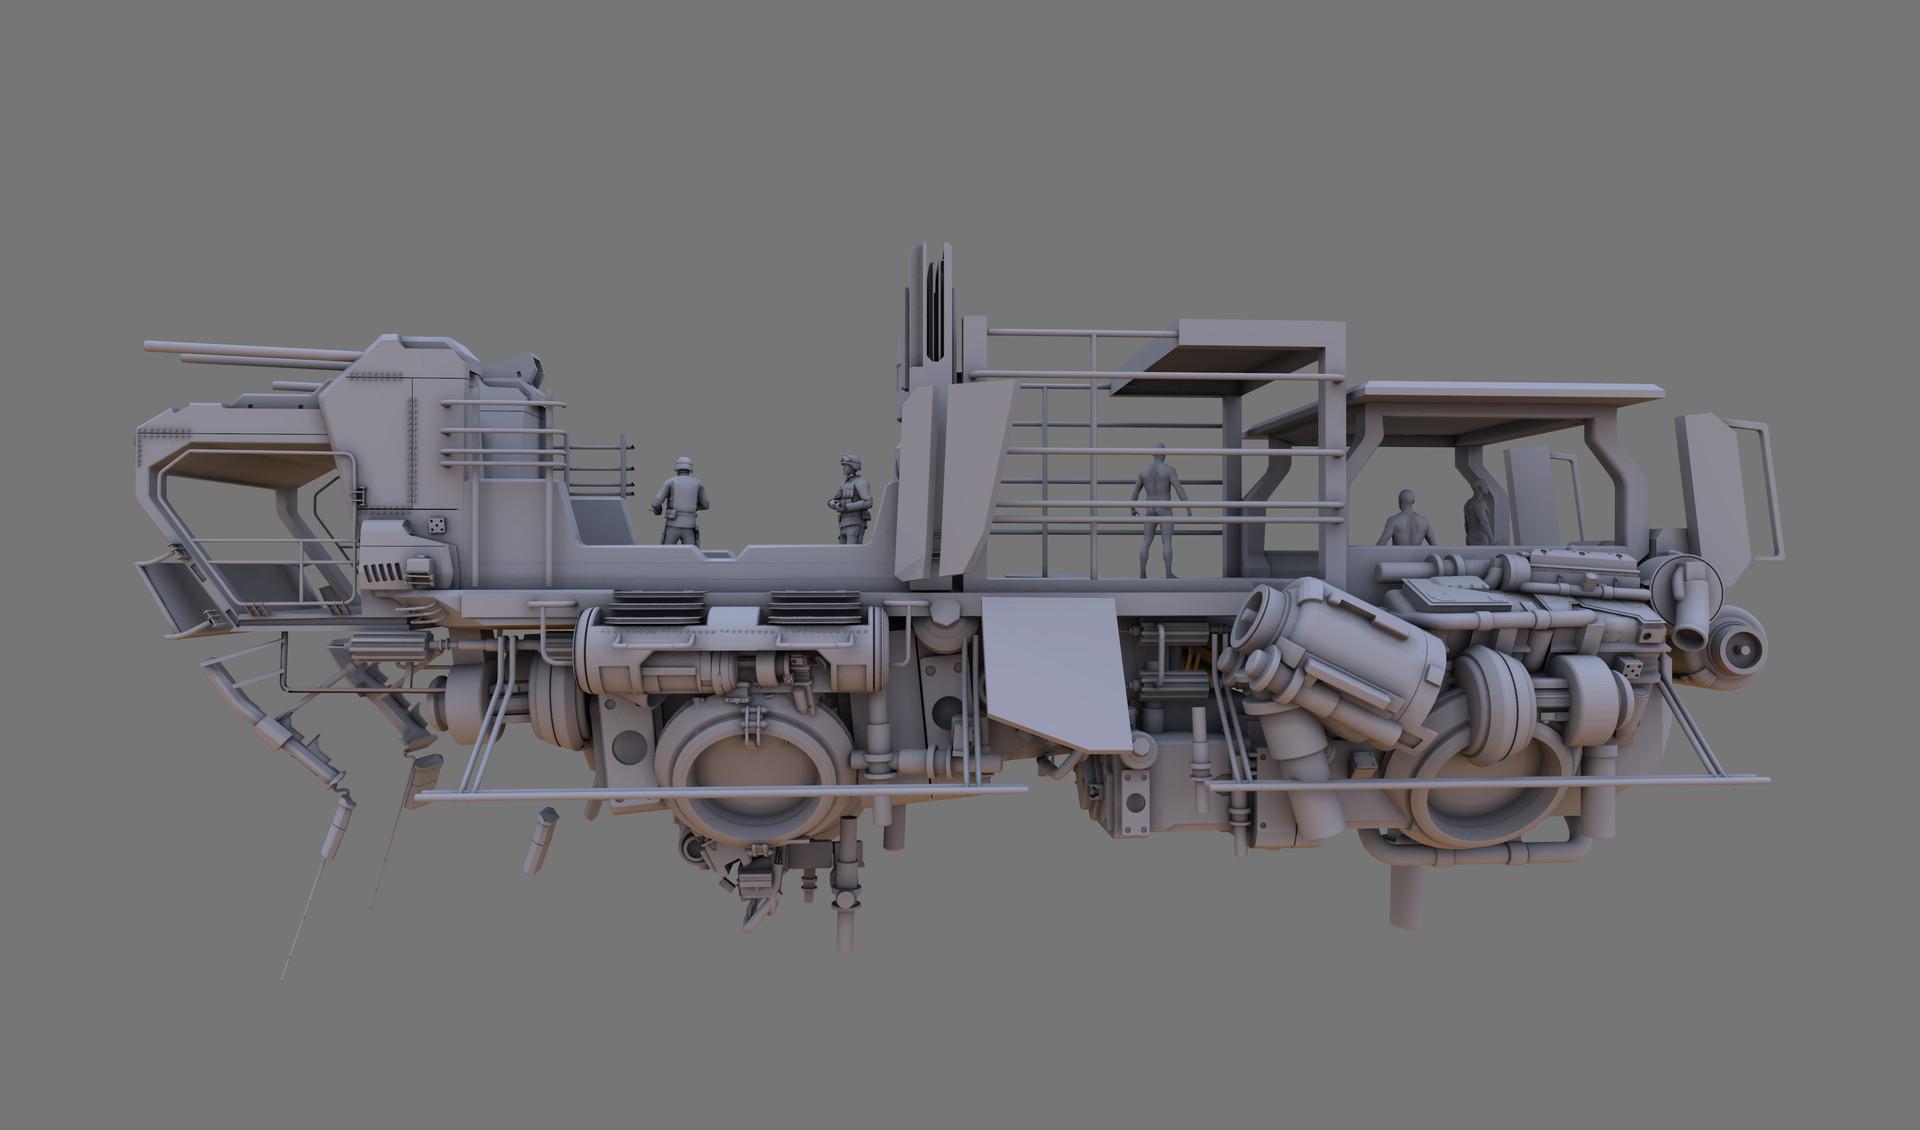 Jonathan ching design73dship02